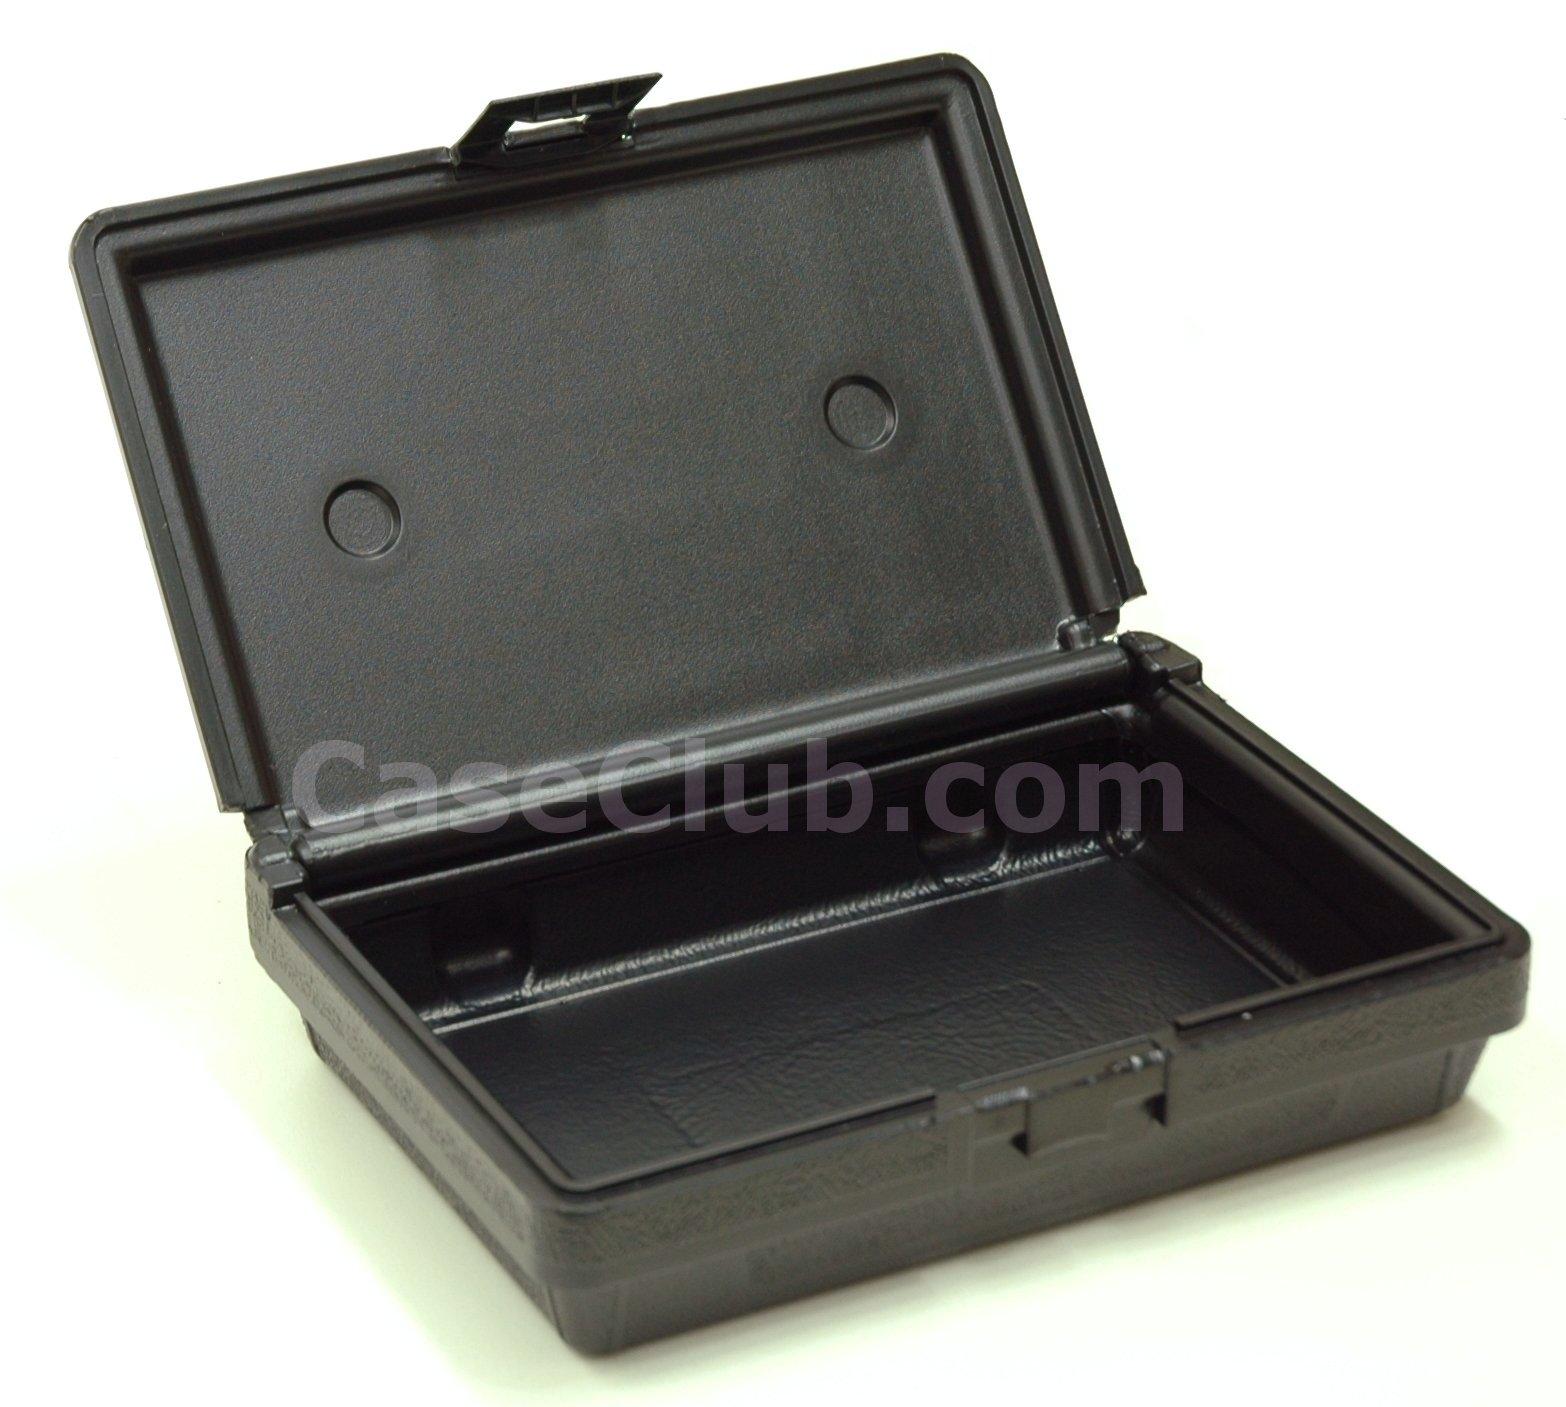 W9.5x6.5x2.5 Case